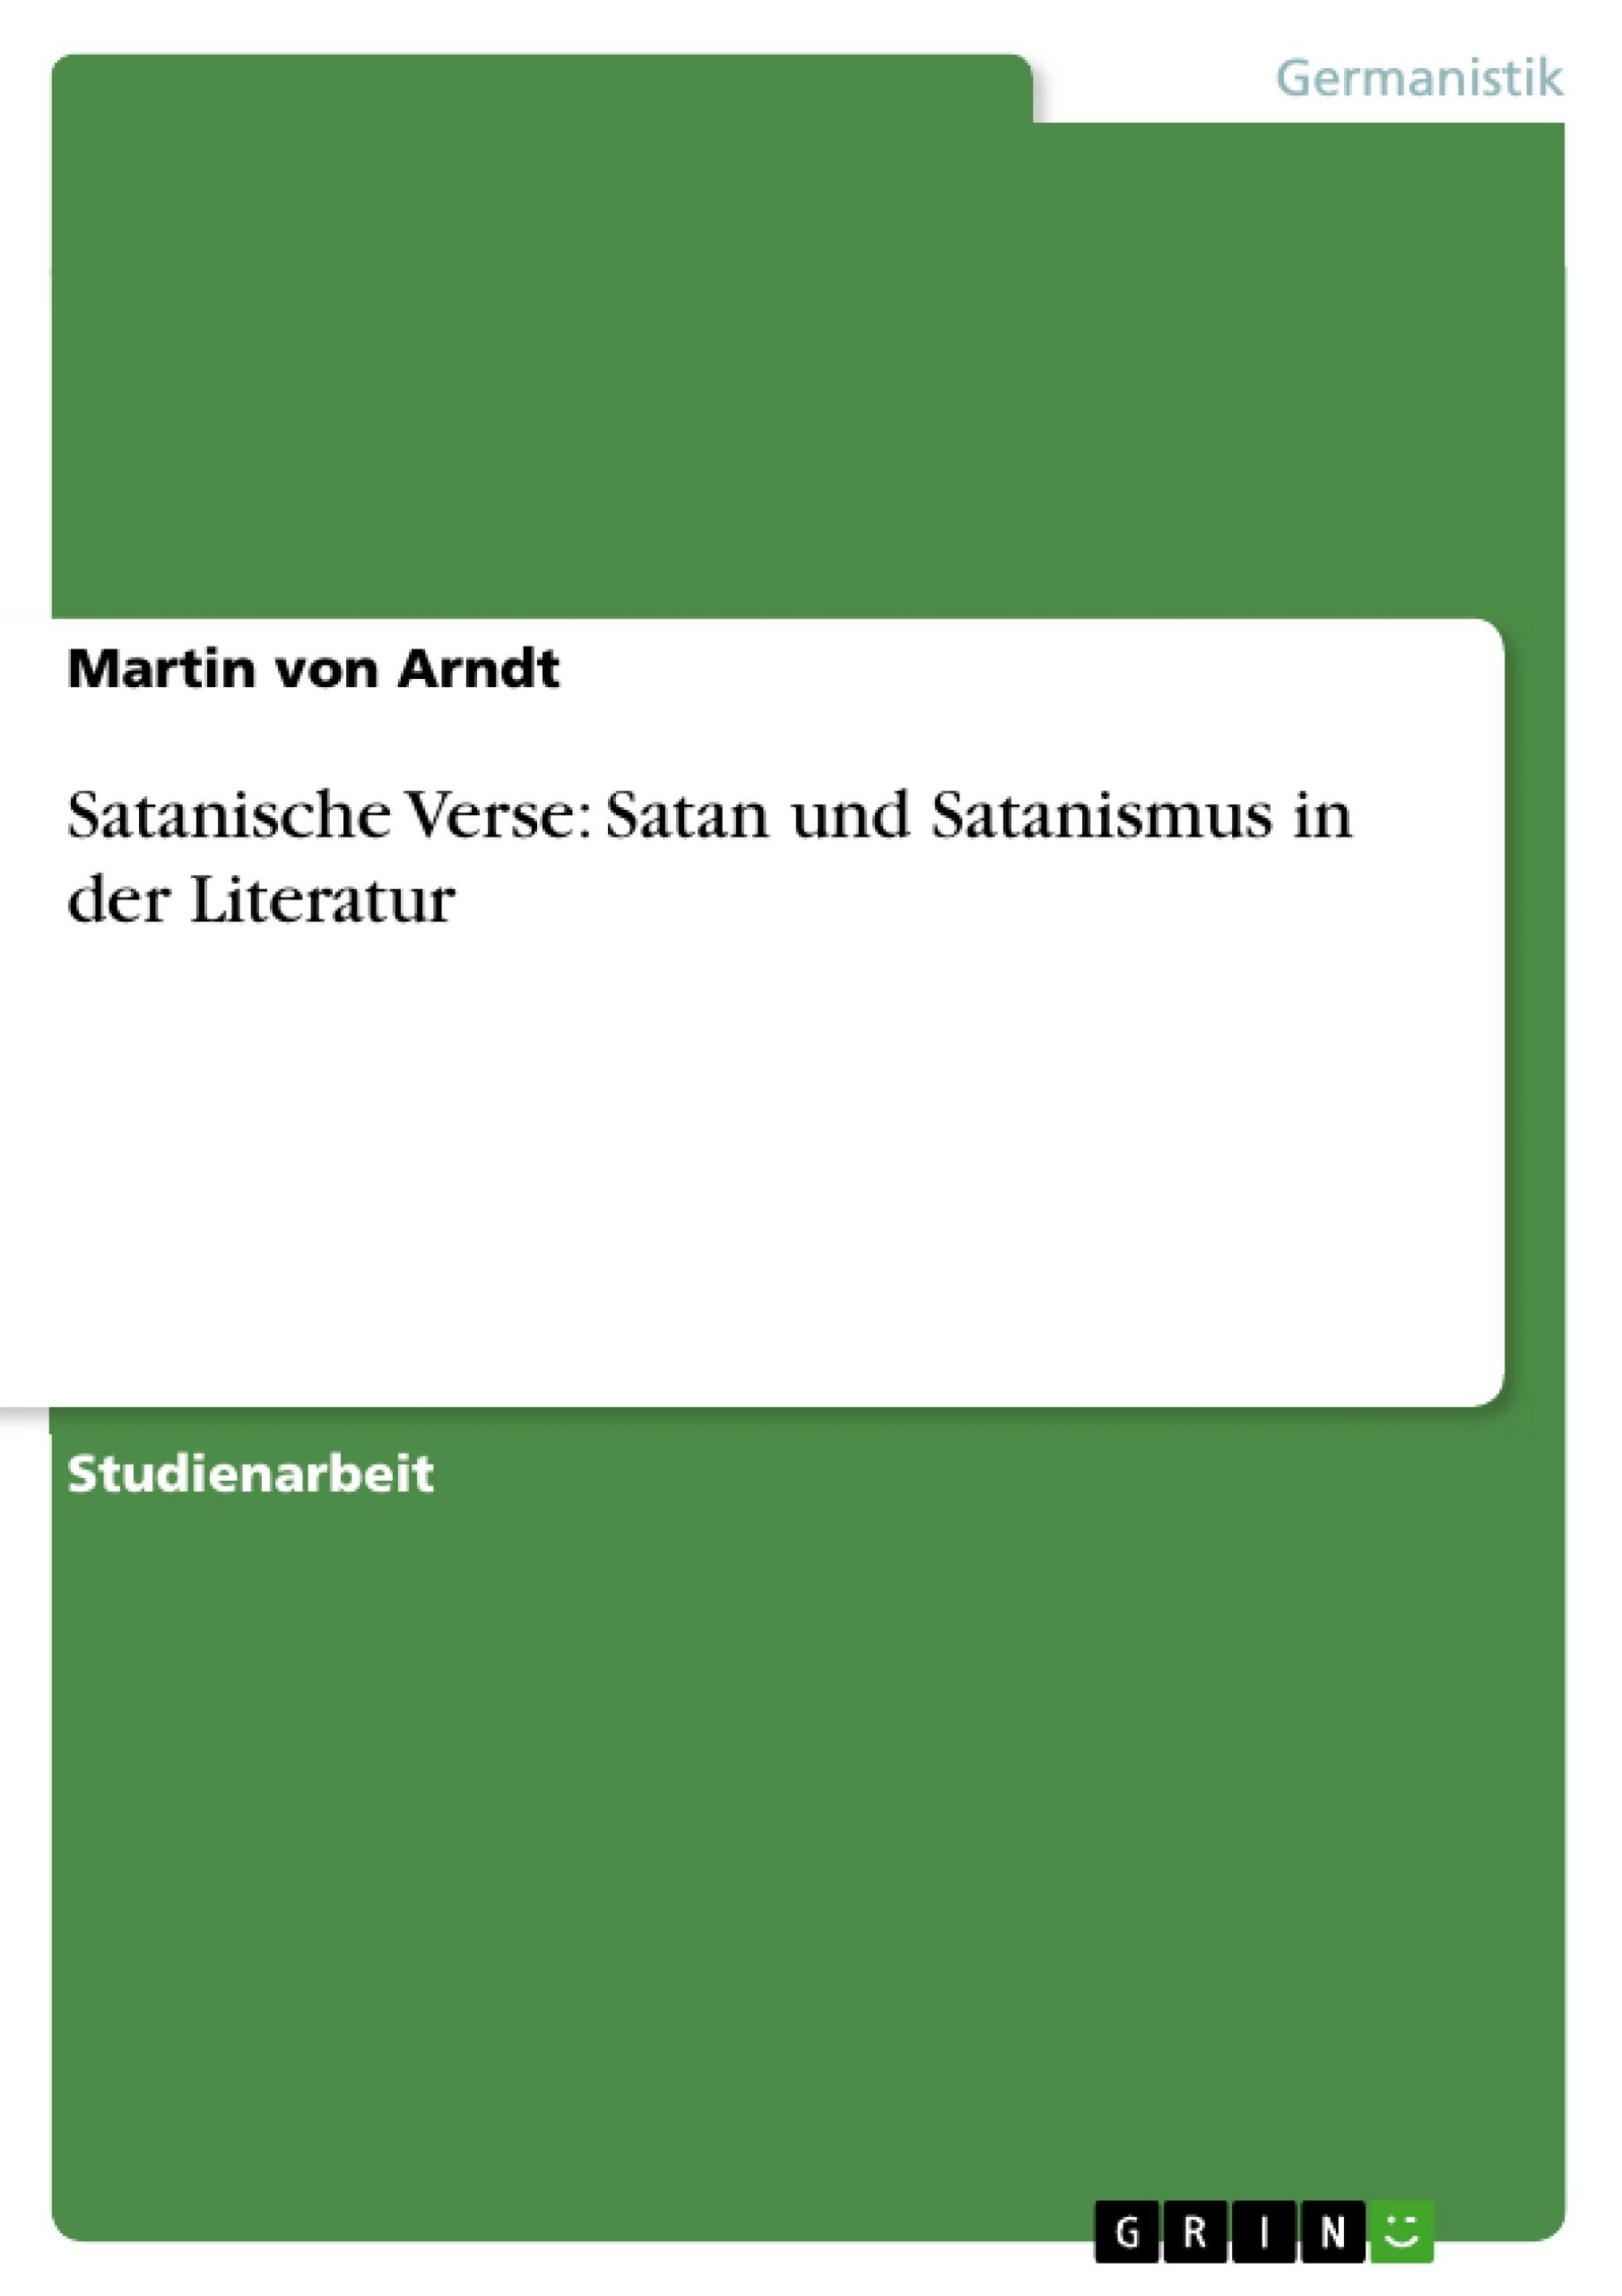 Titel: Satanische Verse: Satan und Satanismus in der Literatur